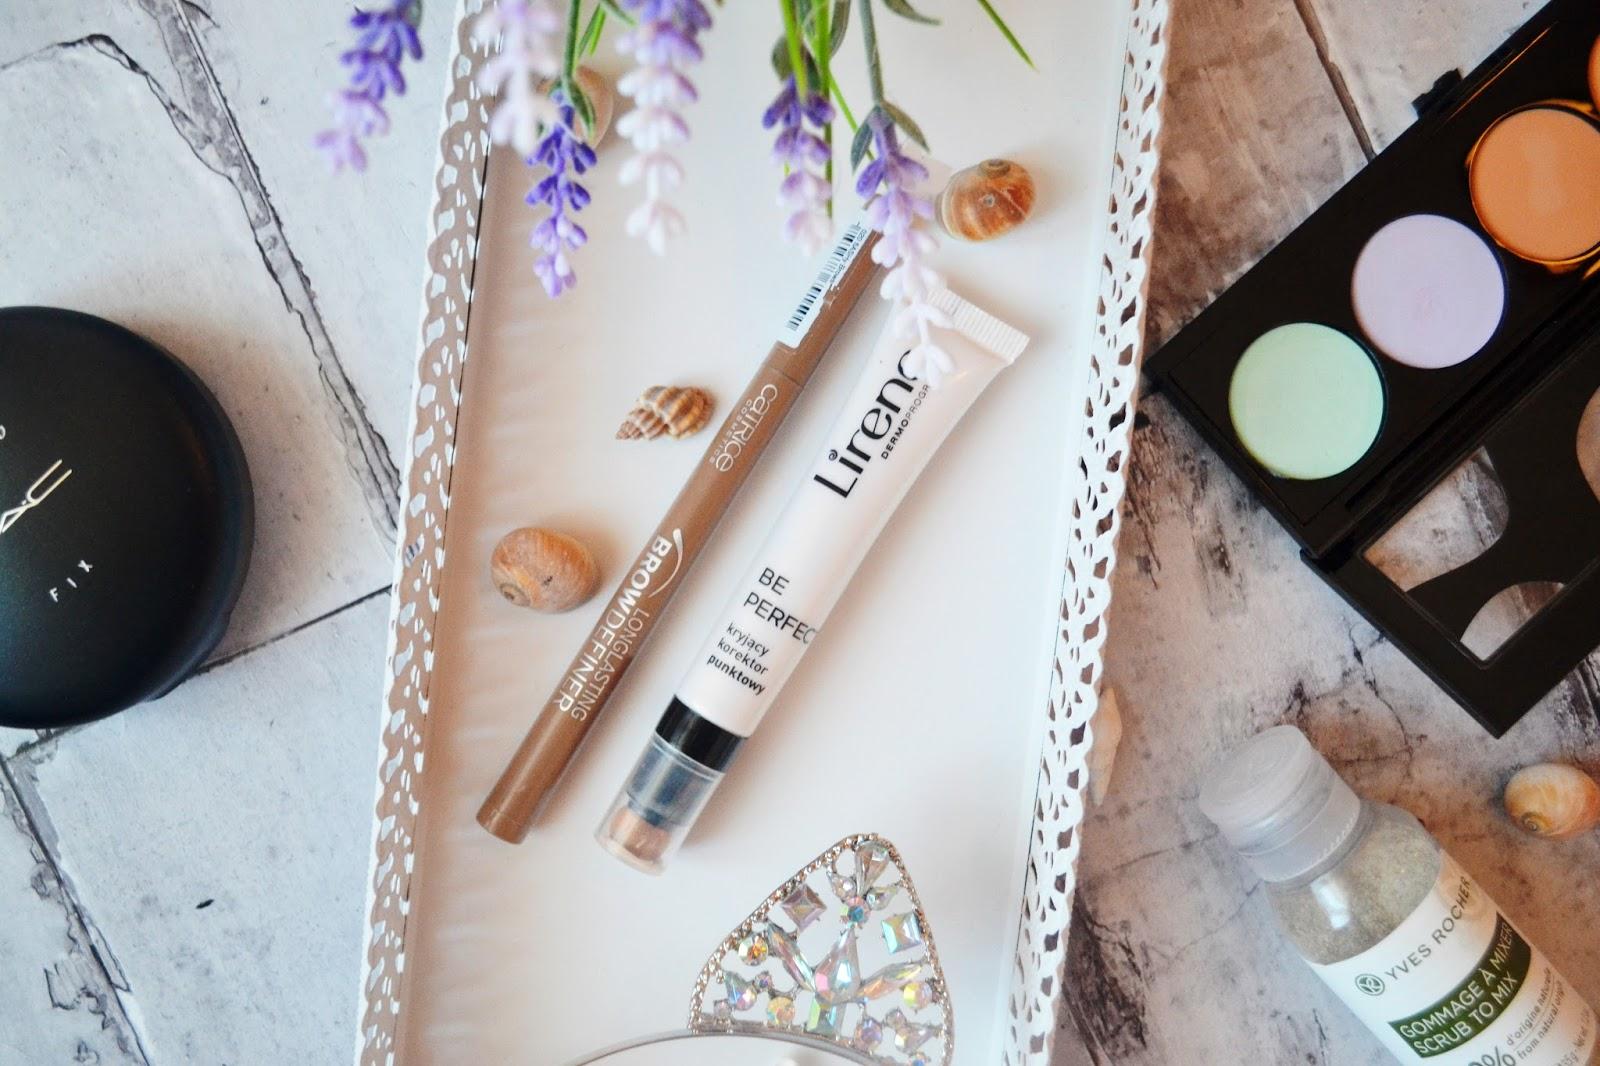 Flamaster catrice oraz lirene be perfect korektor punktowy, blog kosmetyczny, kosmetyki do brwi, dobry korektor na lato